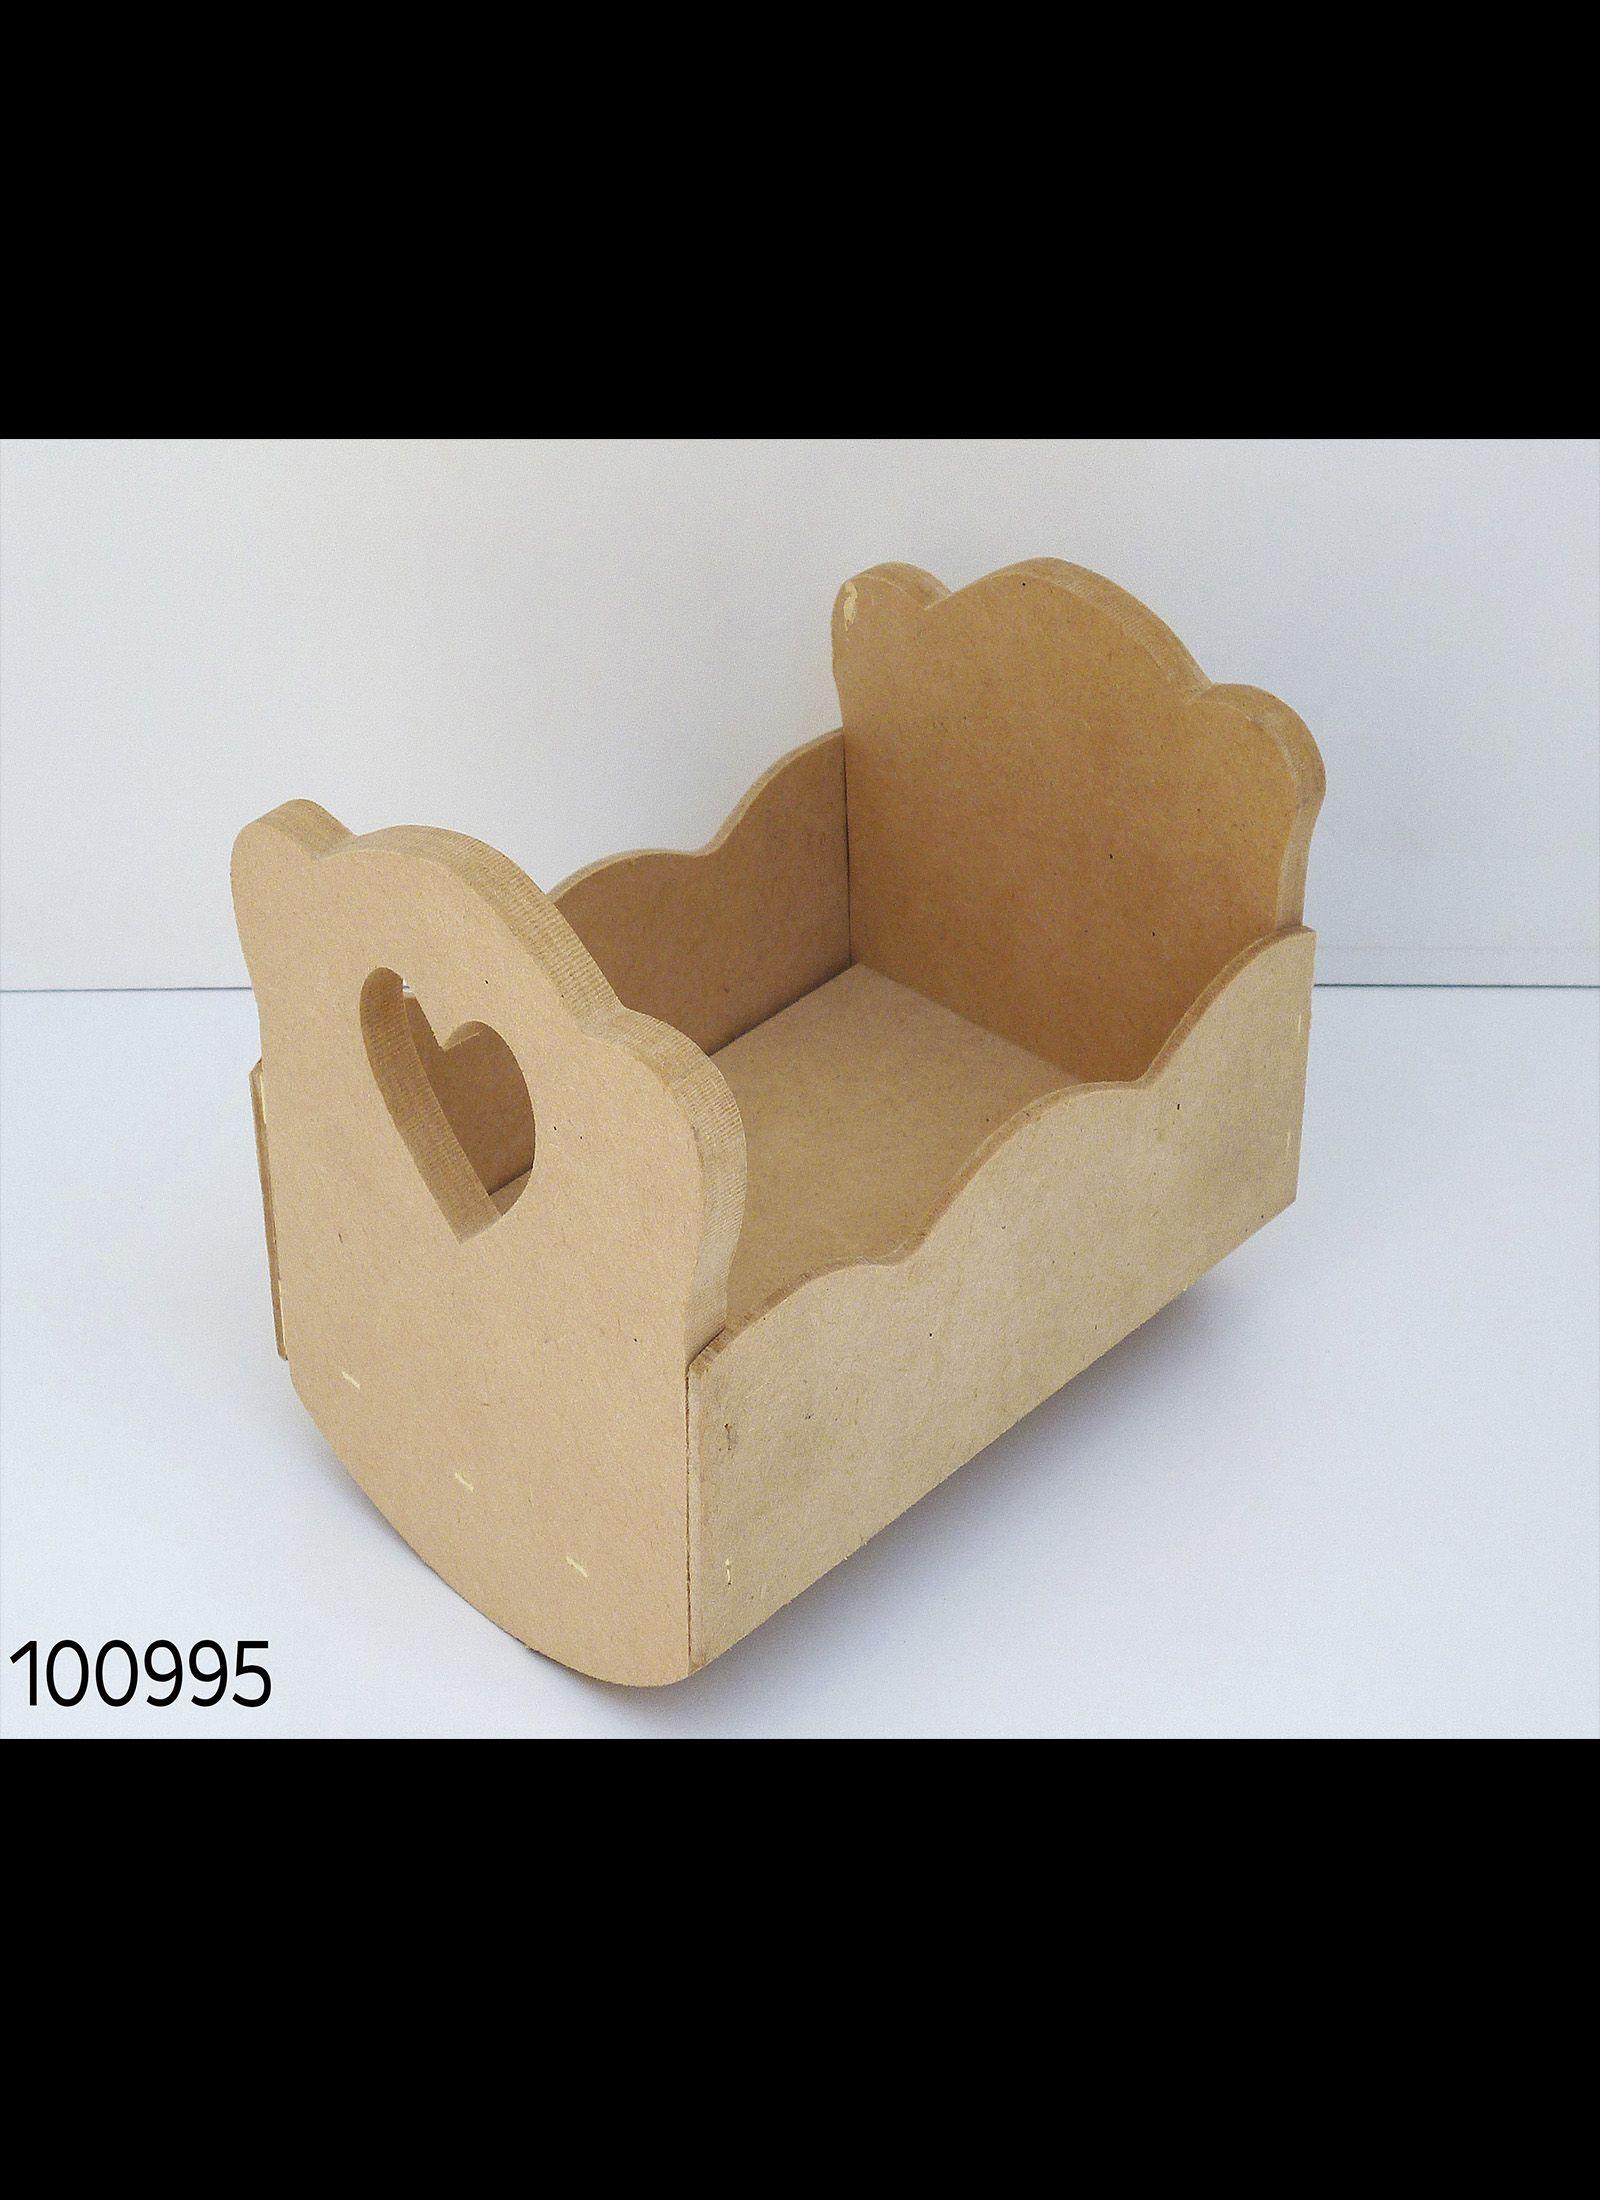 JUEGO CUNA PARA BEBE (Mueble para casita Grande) Cod. 100995 ...